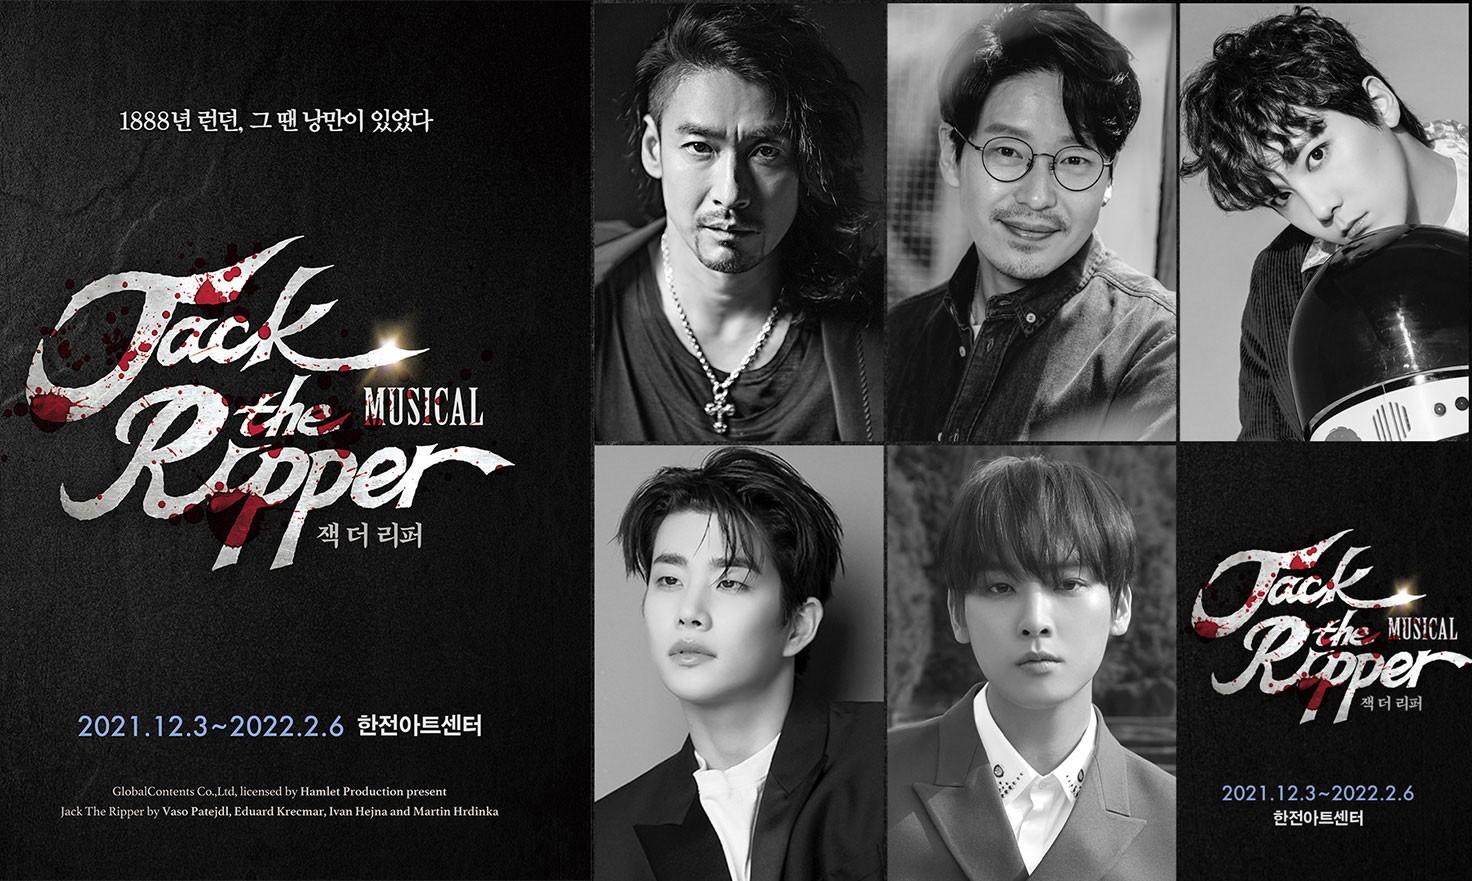 뮤지컬 '잭 더 리퍼' 2021년 시즌 출연진 공개